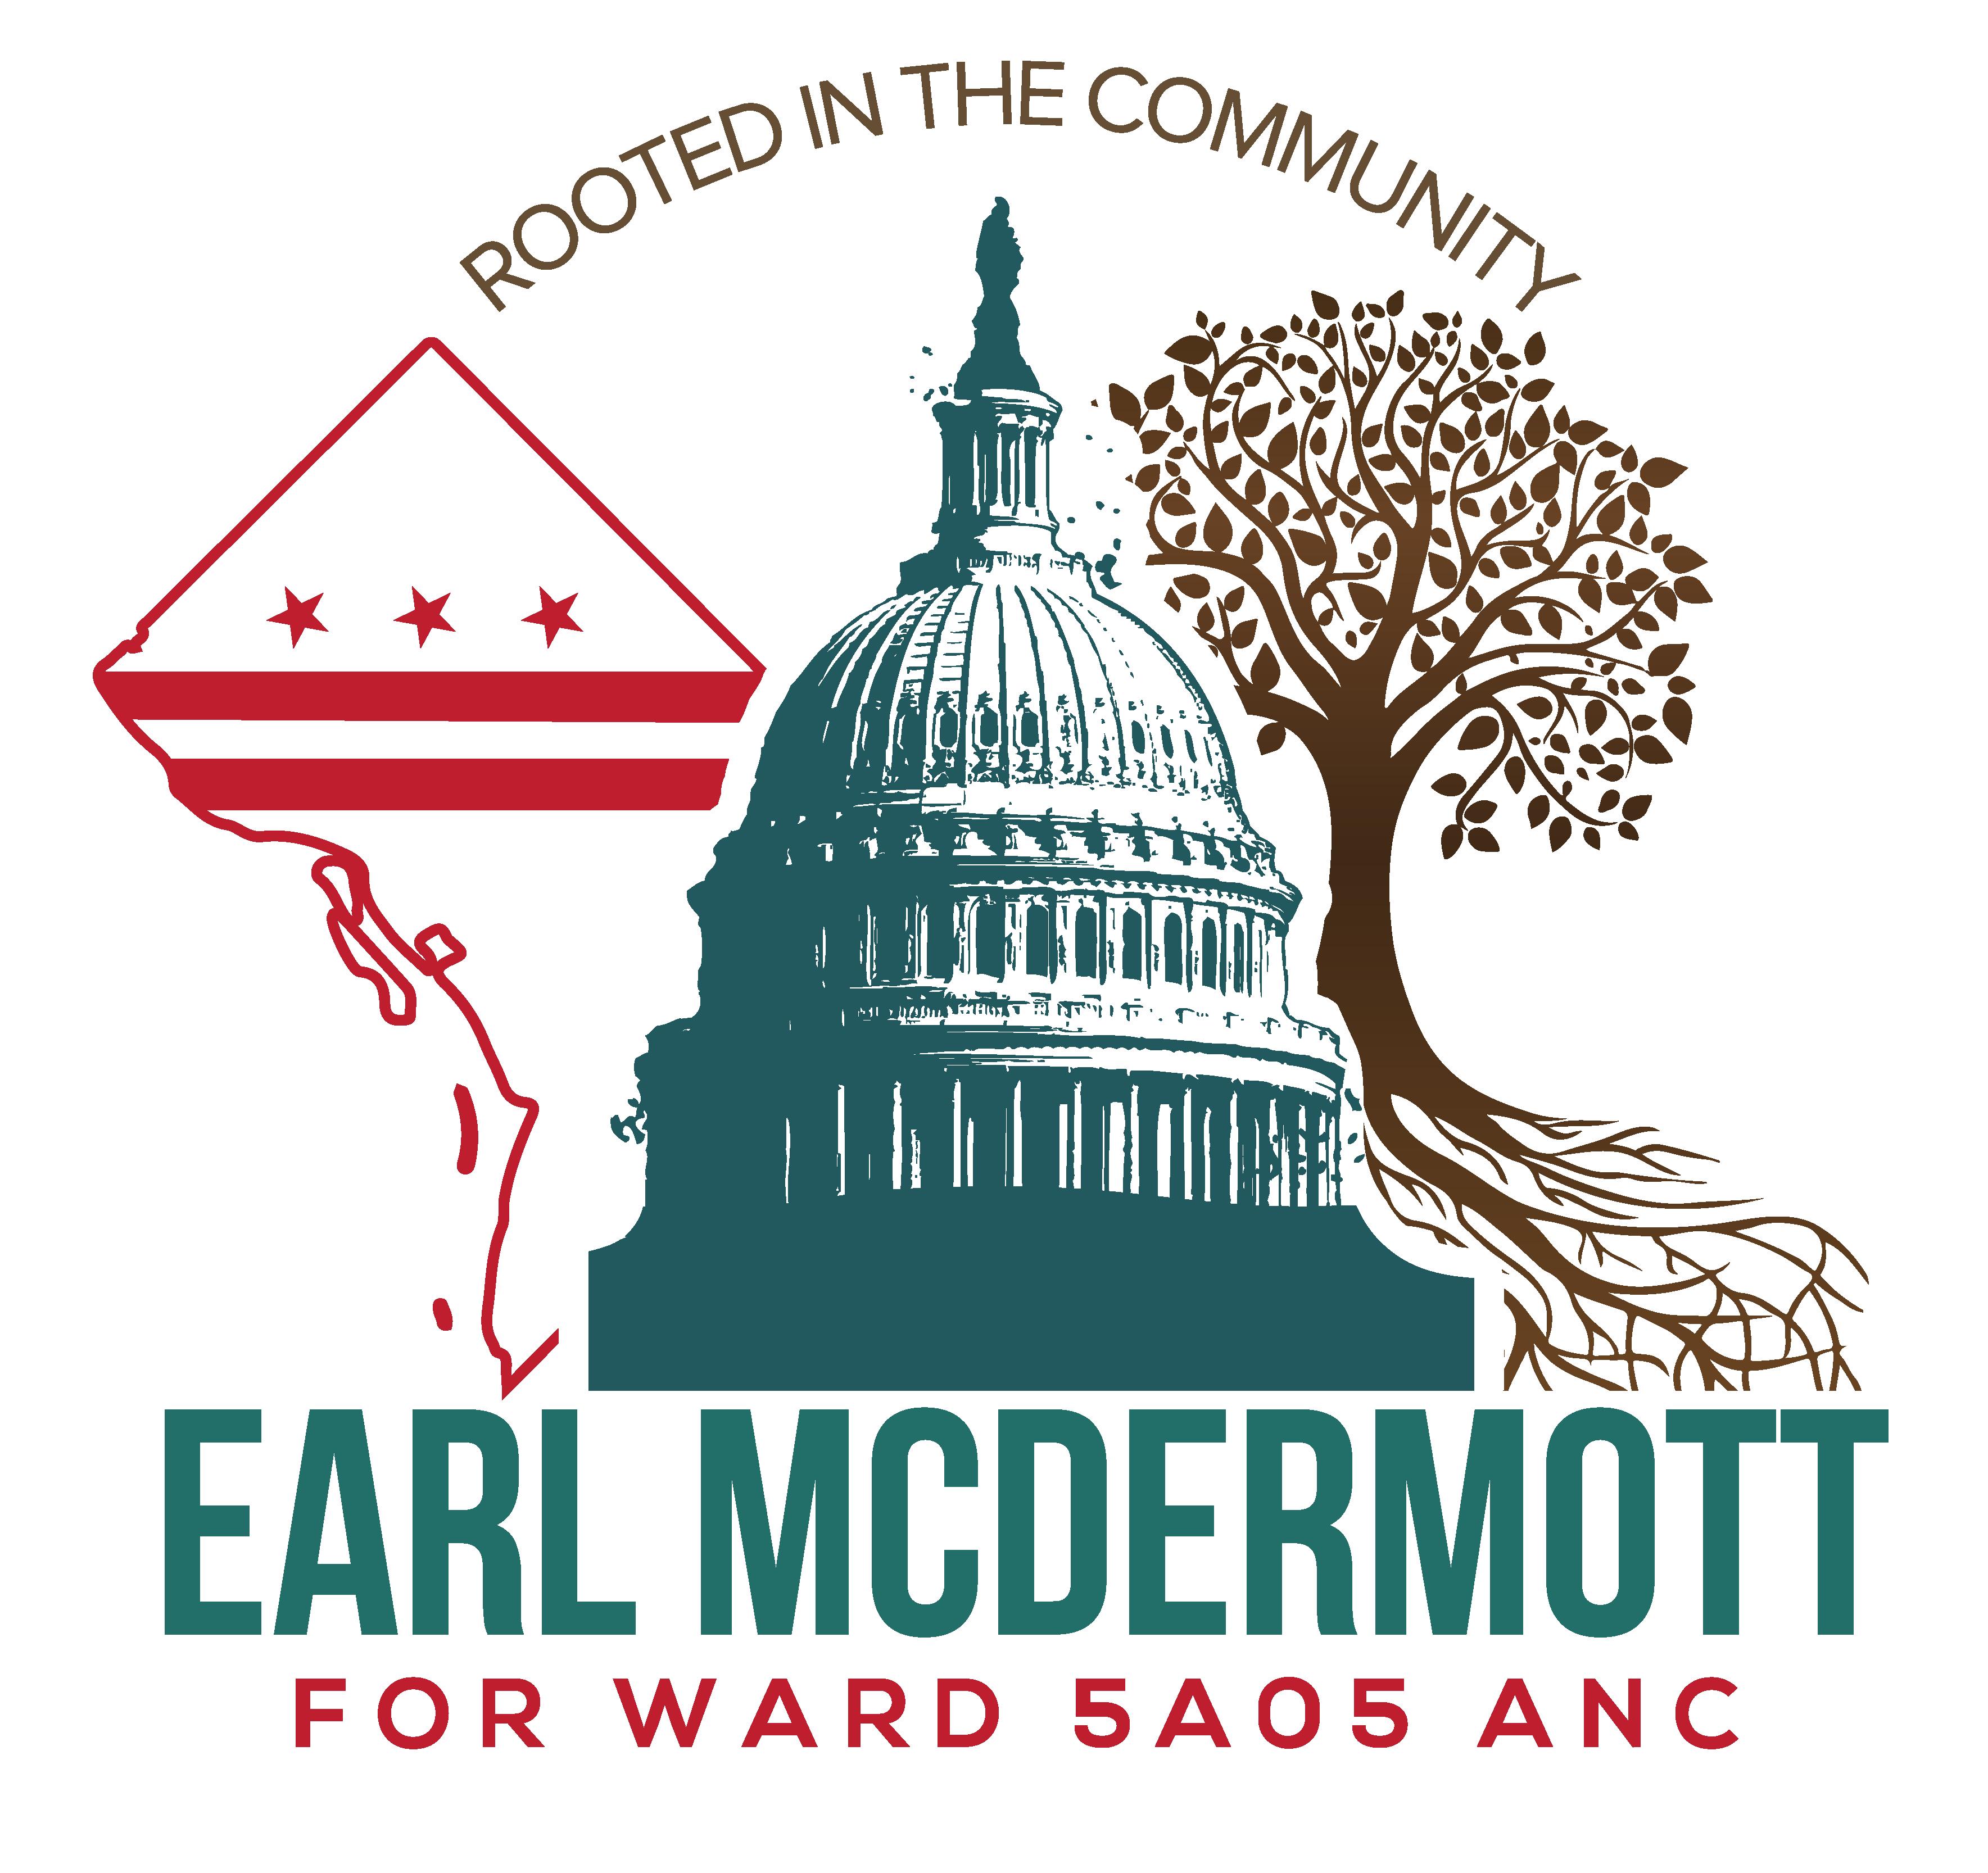 Earl McDermott